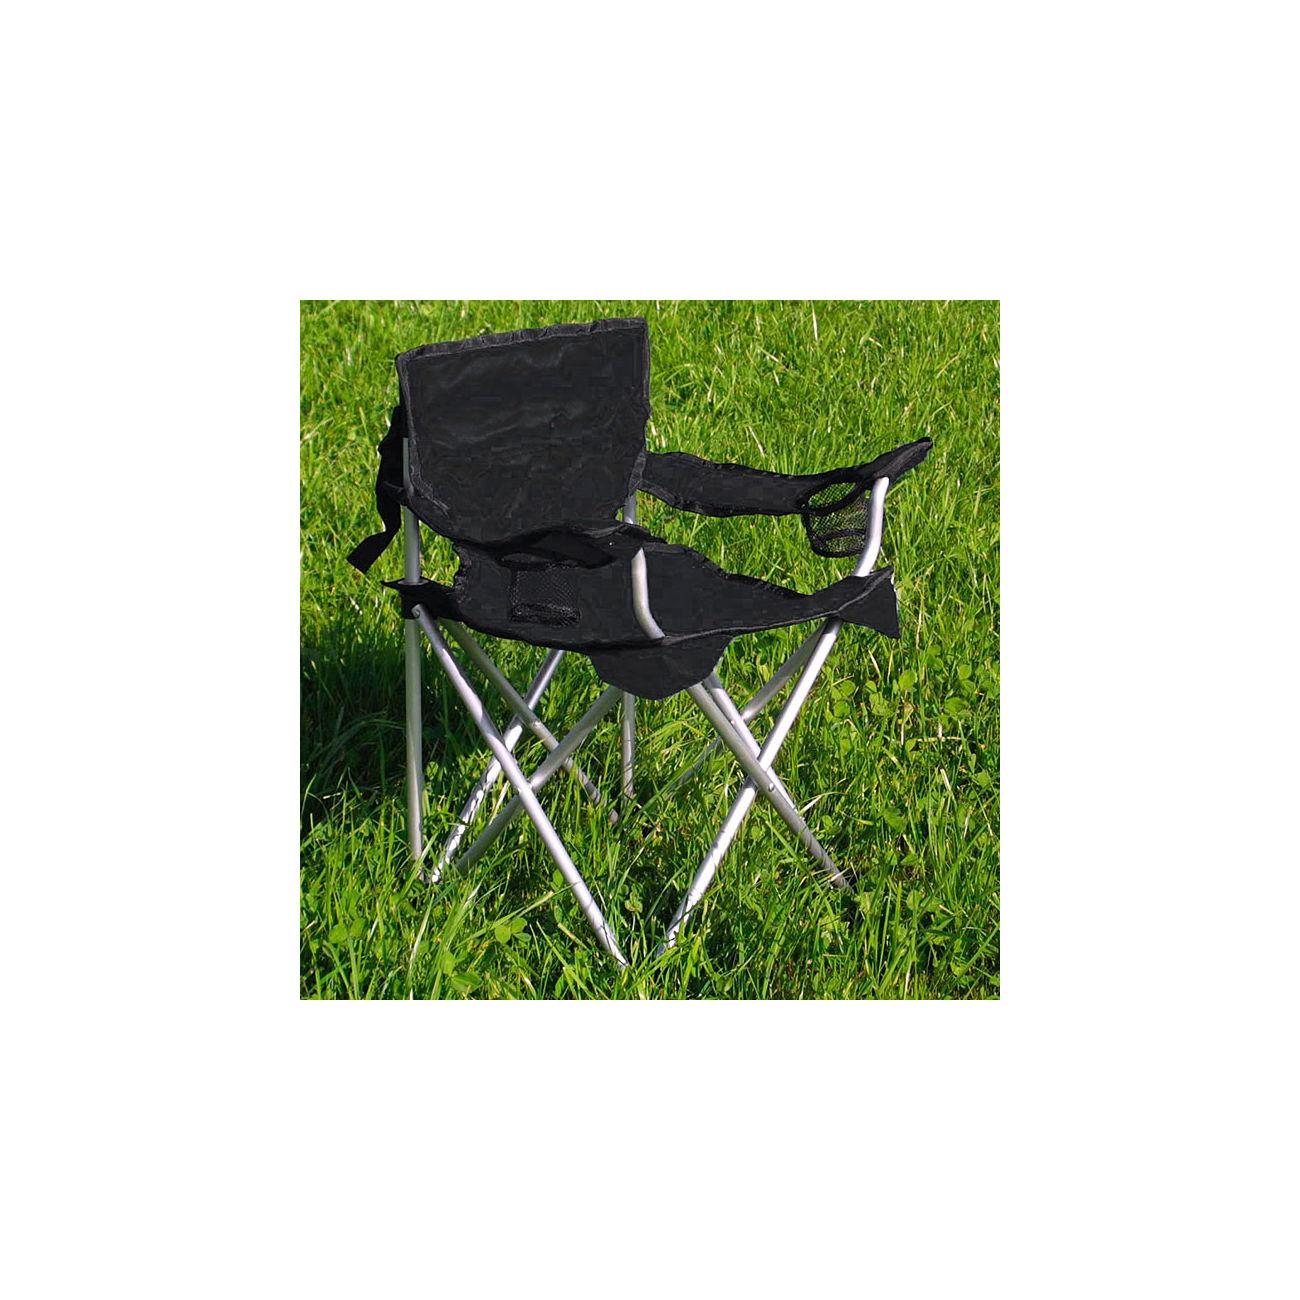 camping stuhl travelchair komfort kinder schwarz kotte. Black Bedroom Furniture Sets. Home Design Ideas